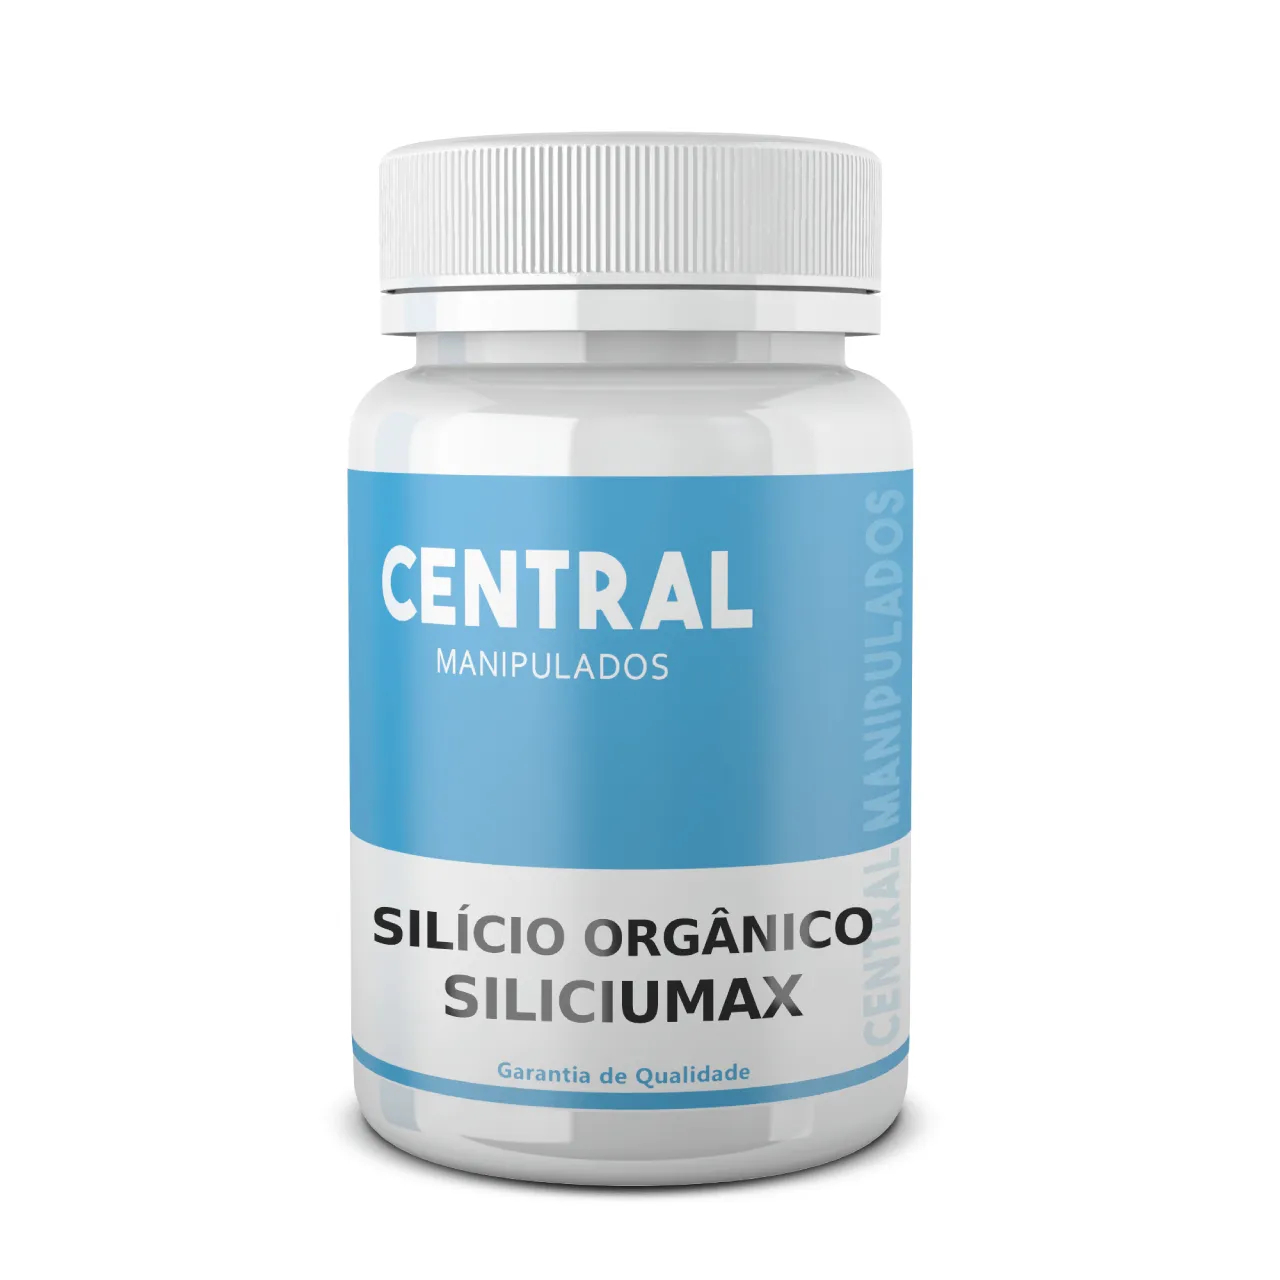 Silício Orgânico SiliciuMax 300mg - 30 CÁPSULAS - Revitalização de Cabelos e Unhas, Pele mais Jovem, Ossos mais Fortes.